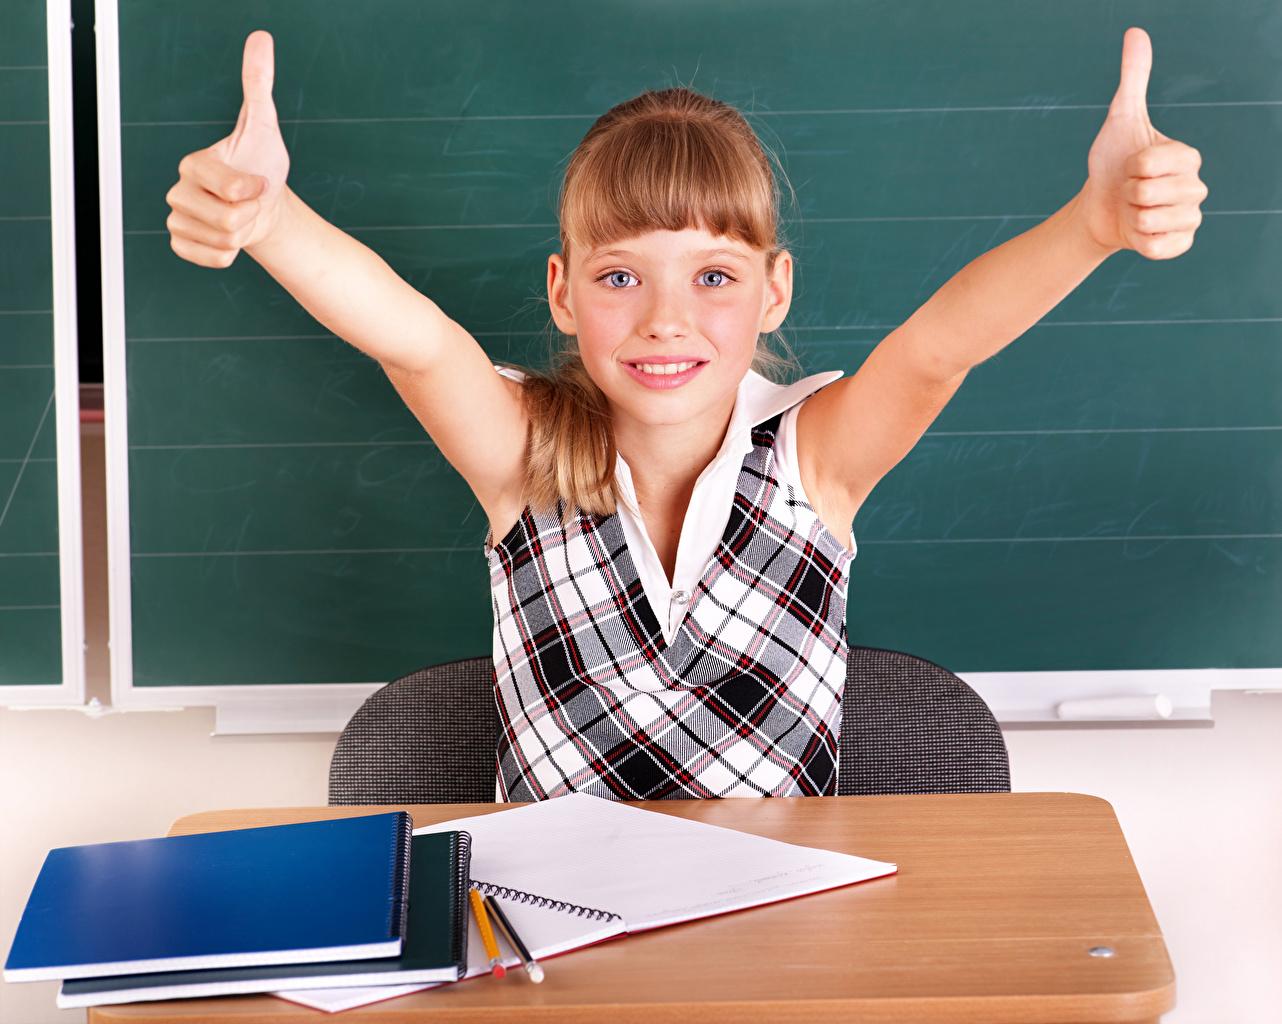 Foto Kleine Mädchen Schule Kinder Notizbuch Hand Finger